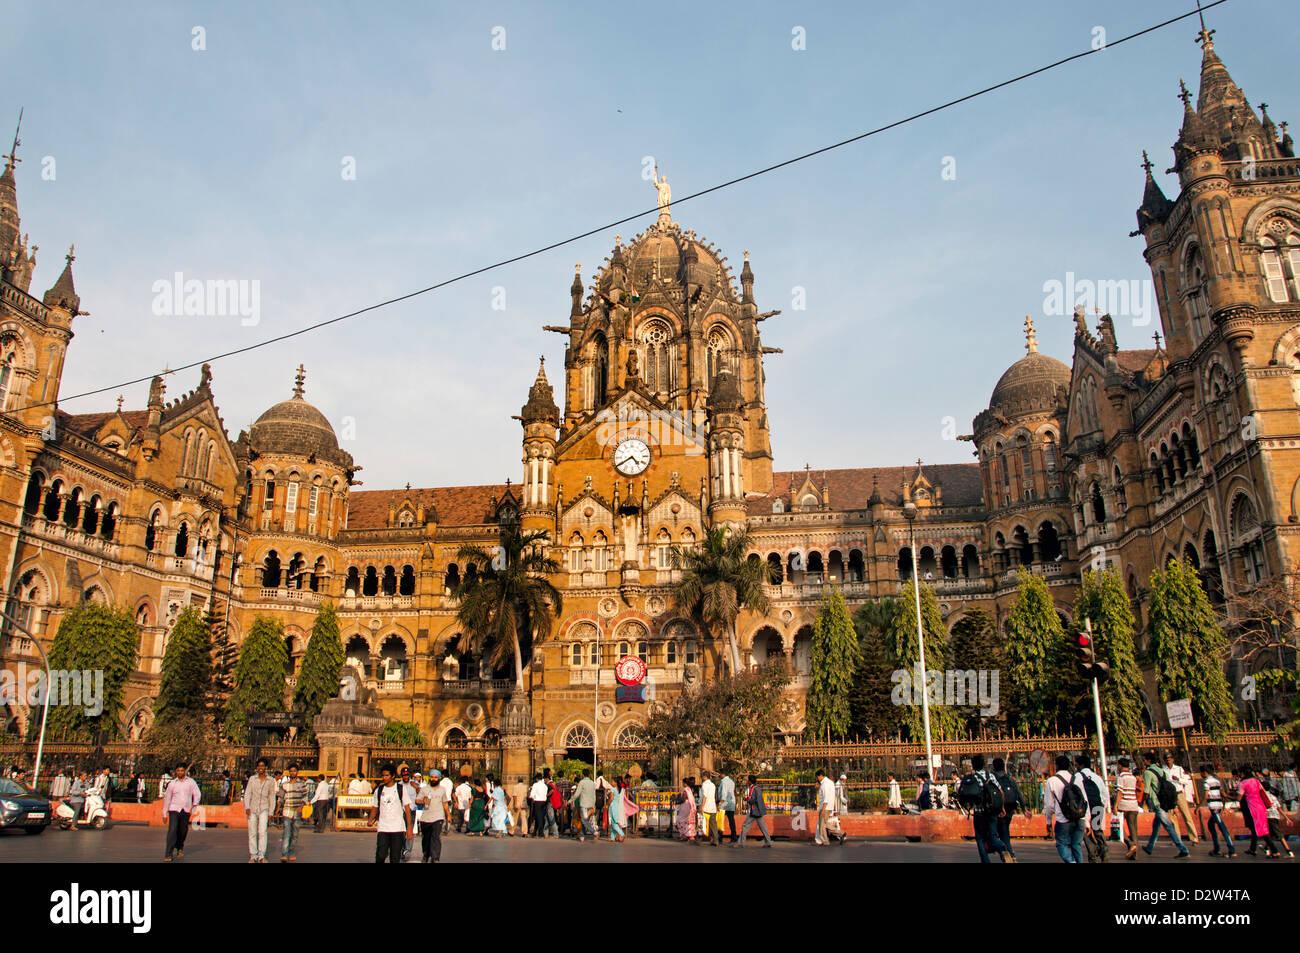 El Chhatrapati Shivaji ( ) estación Victoria Terminus Mumbai (Bombay) renacimiento de la arquitectura gótica Imagen De Stock